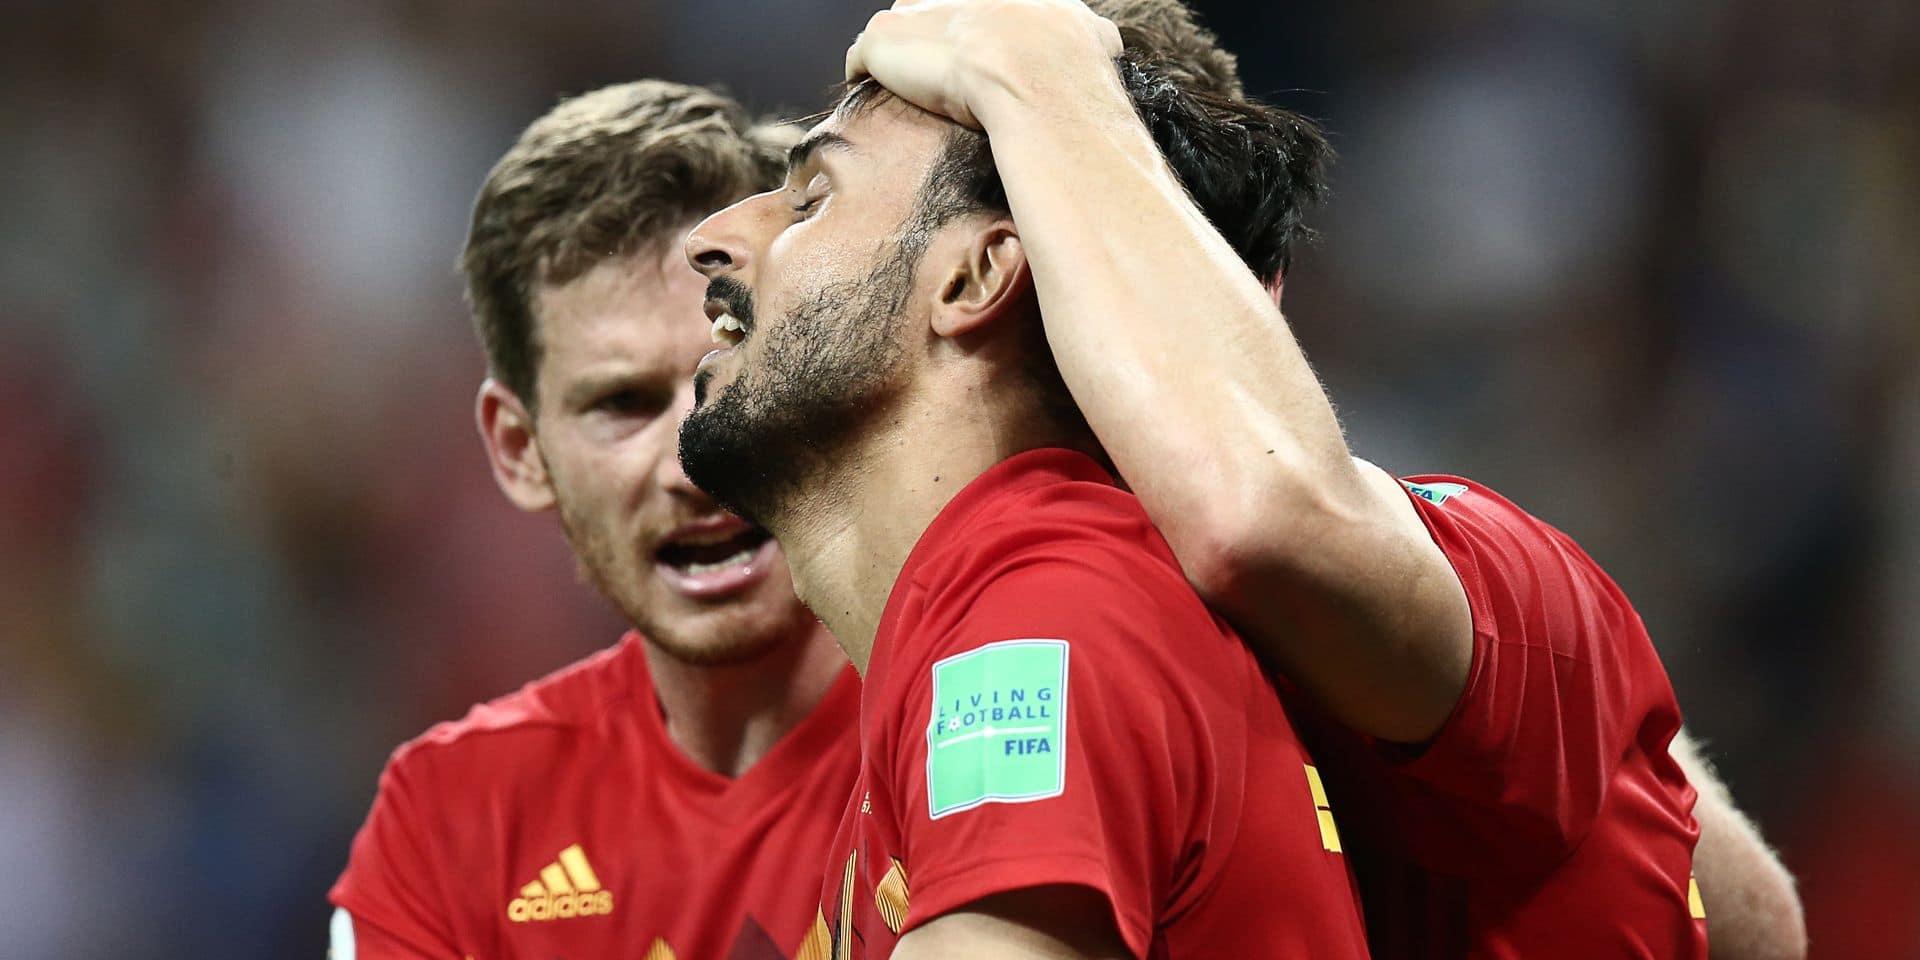 Le plus beau but du Mondial sera-t-il belge ? Votez sur le site de la FIFA !